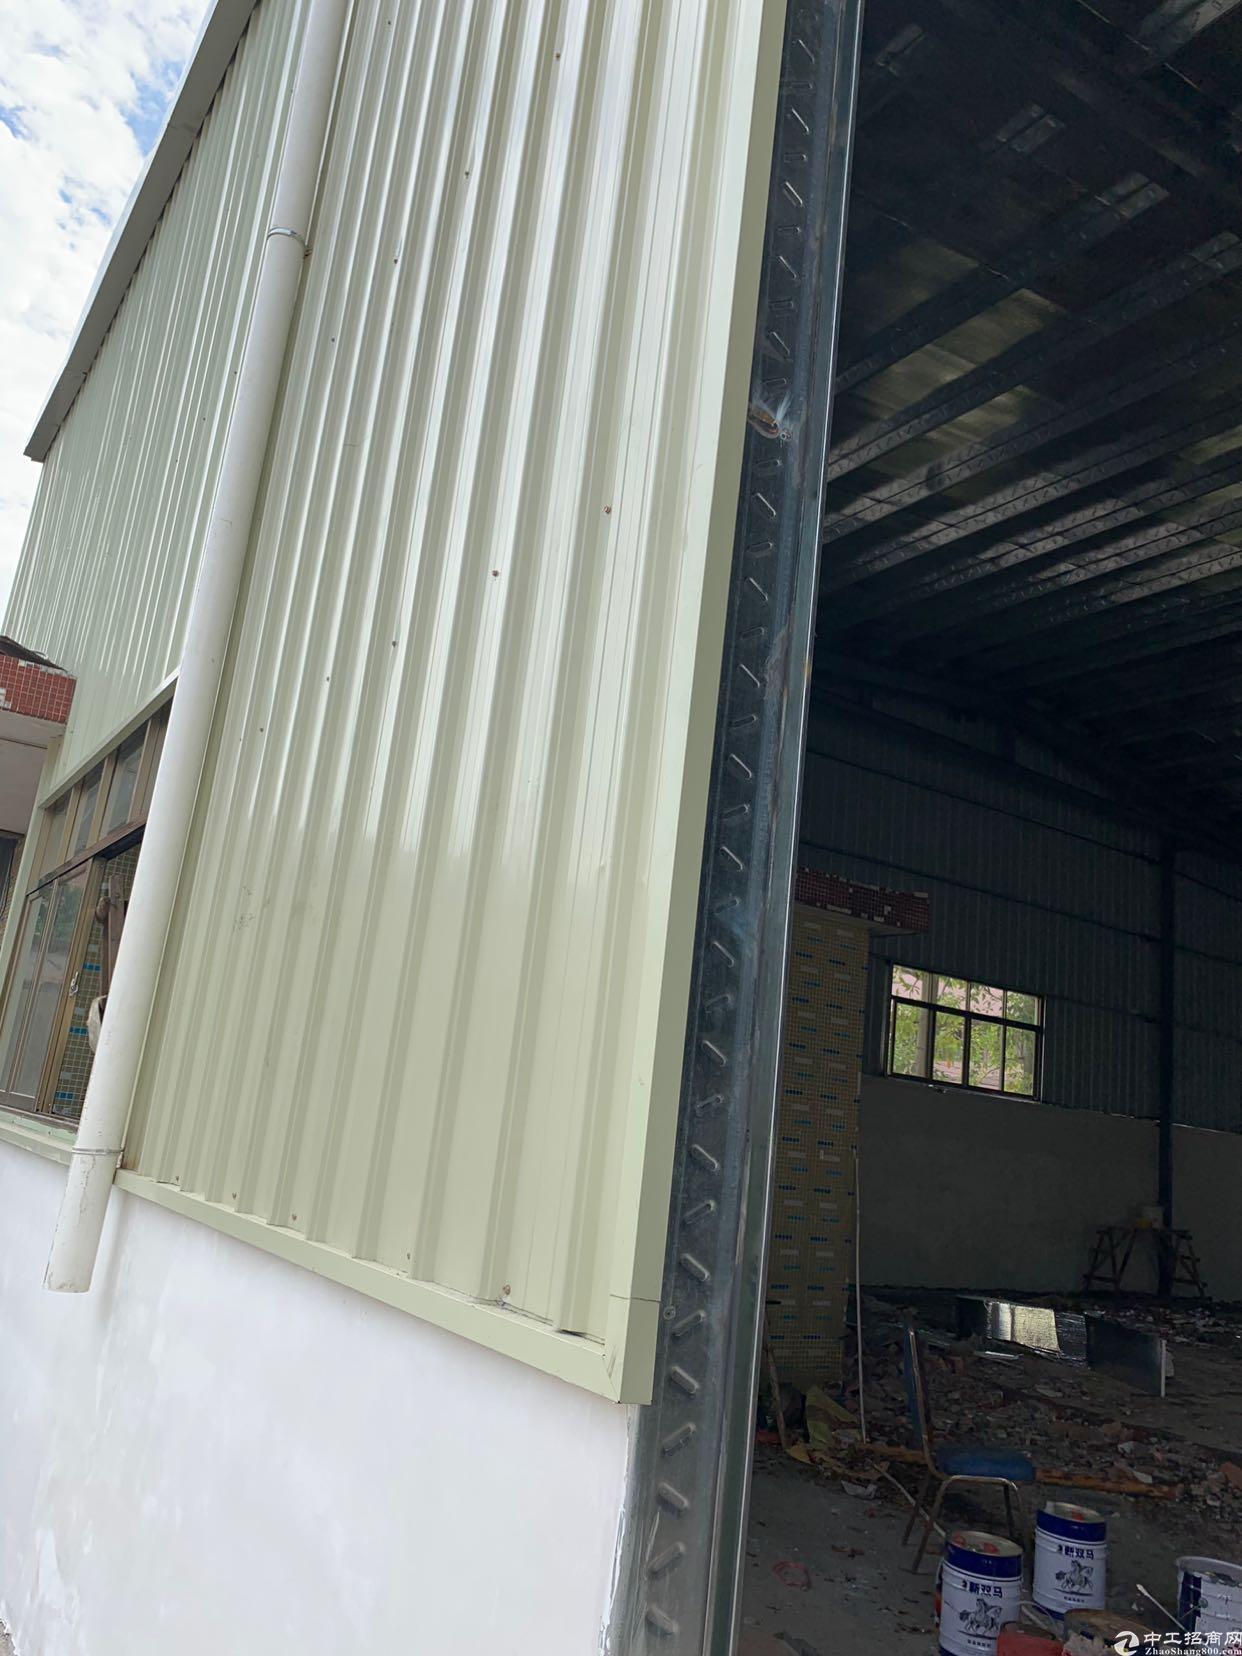 虎门怀德新建单一层铁皮房2600平方,只租20一平方